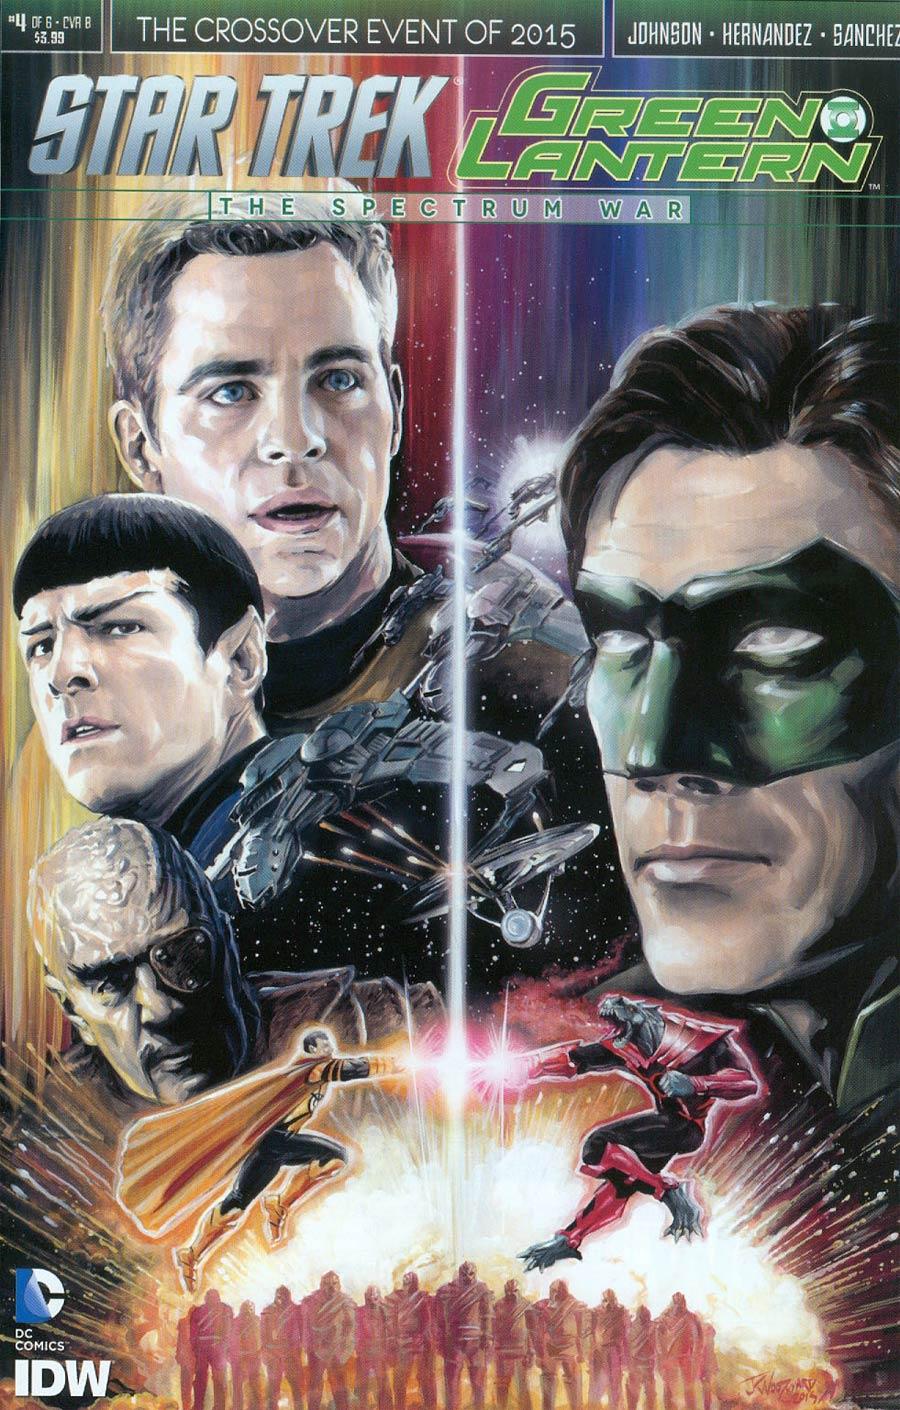 Star Trek Green Lantern #4 Cover B Variant JK Woodward Cover